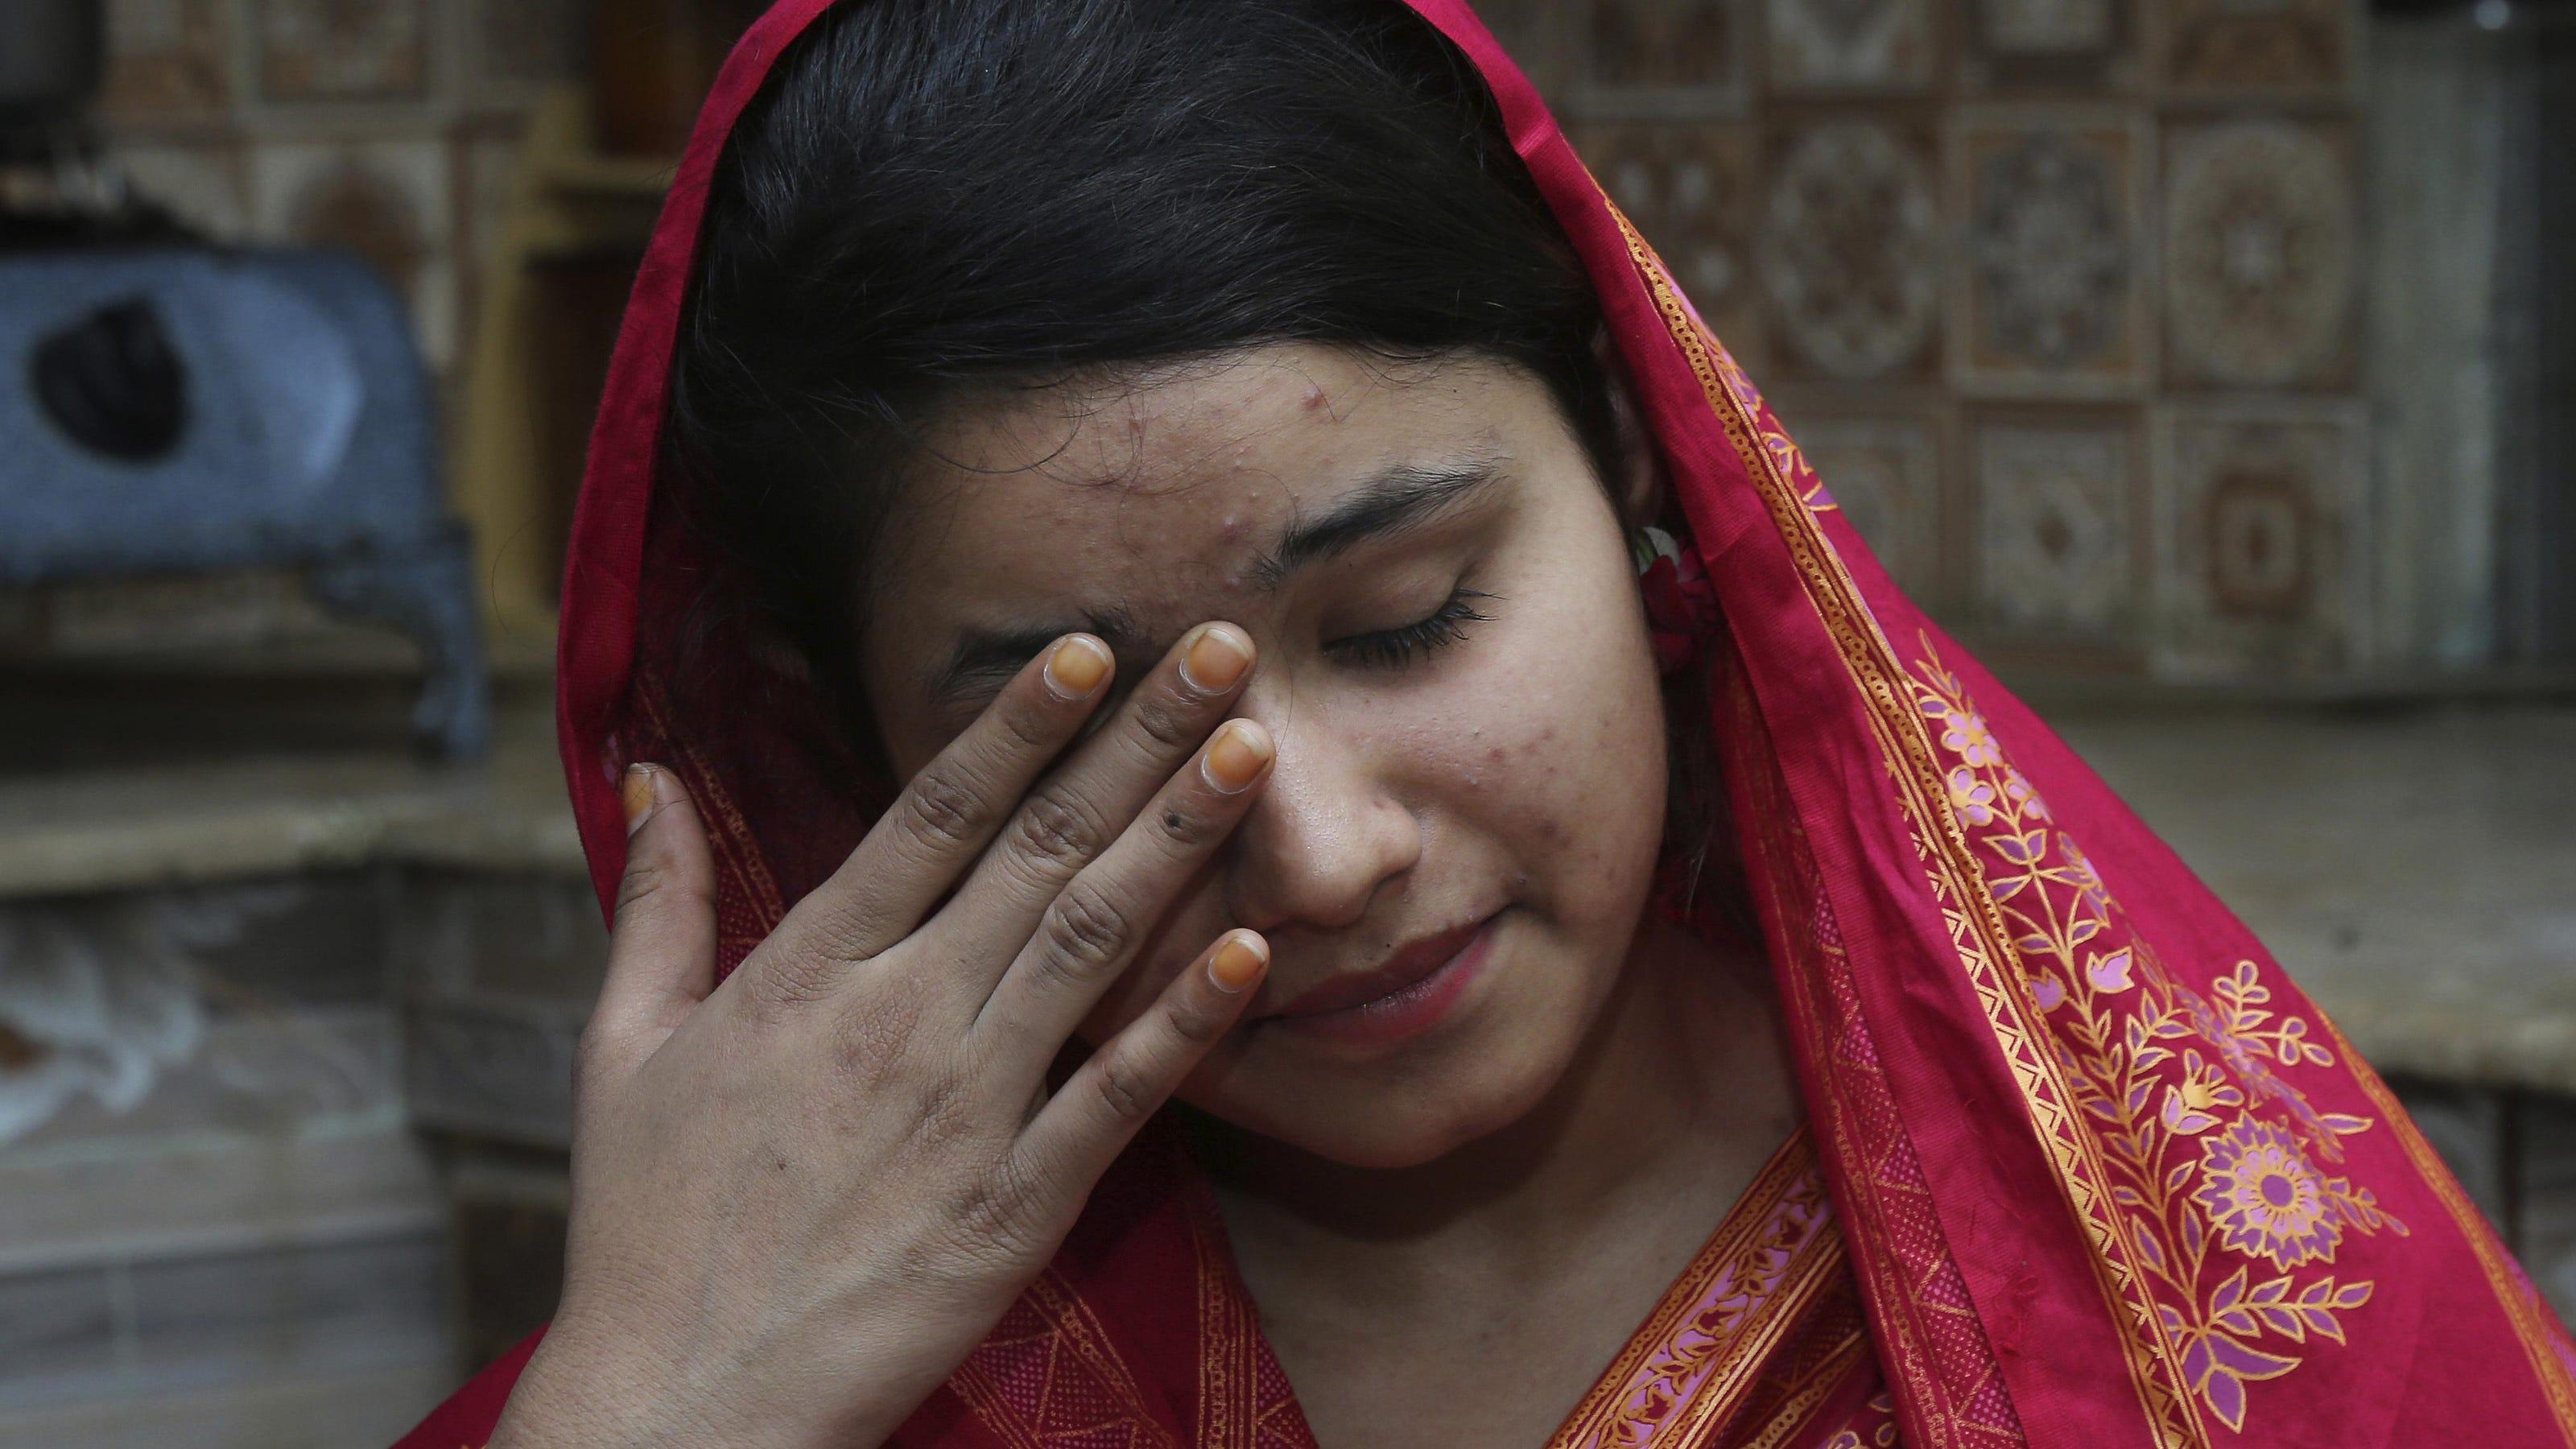 Marriage girl pakistani beautiful Beautiful Pakistani